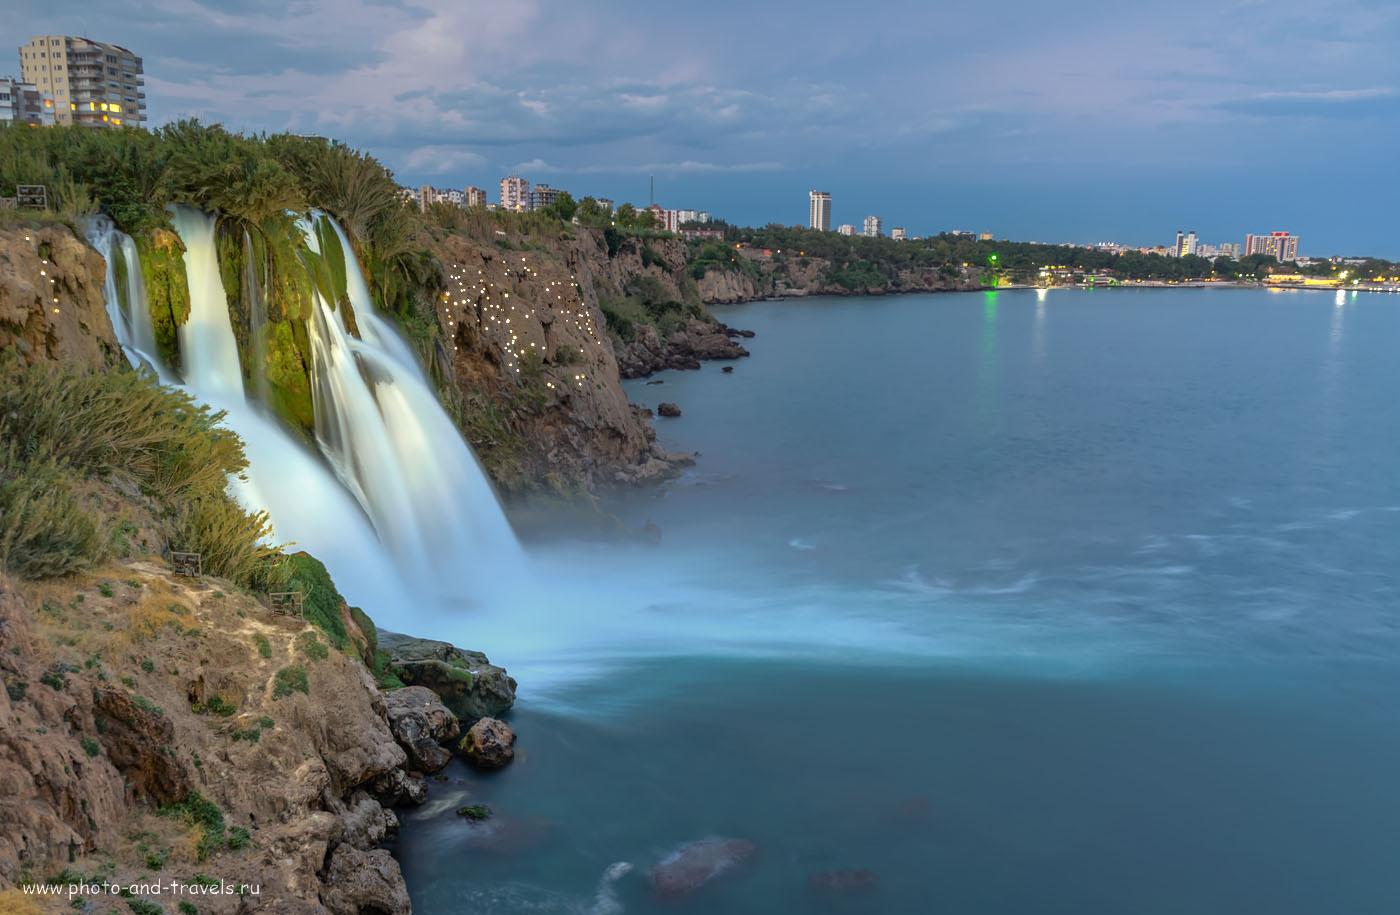 Фото 10. Нижний Дюденский водопад (Düden Şelalesi) – одна из визитных карточек Анталии. Отзывы туристов об отдыхе в Турции в мае. HDR из 3-х кадров, снятых со штатива Sirui T-2204X с головкой G20KX на полнокадровую камеру Nikon D610 и репортажный зум Nikon 24-70mm f/2.8.